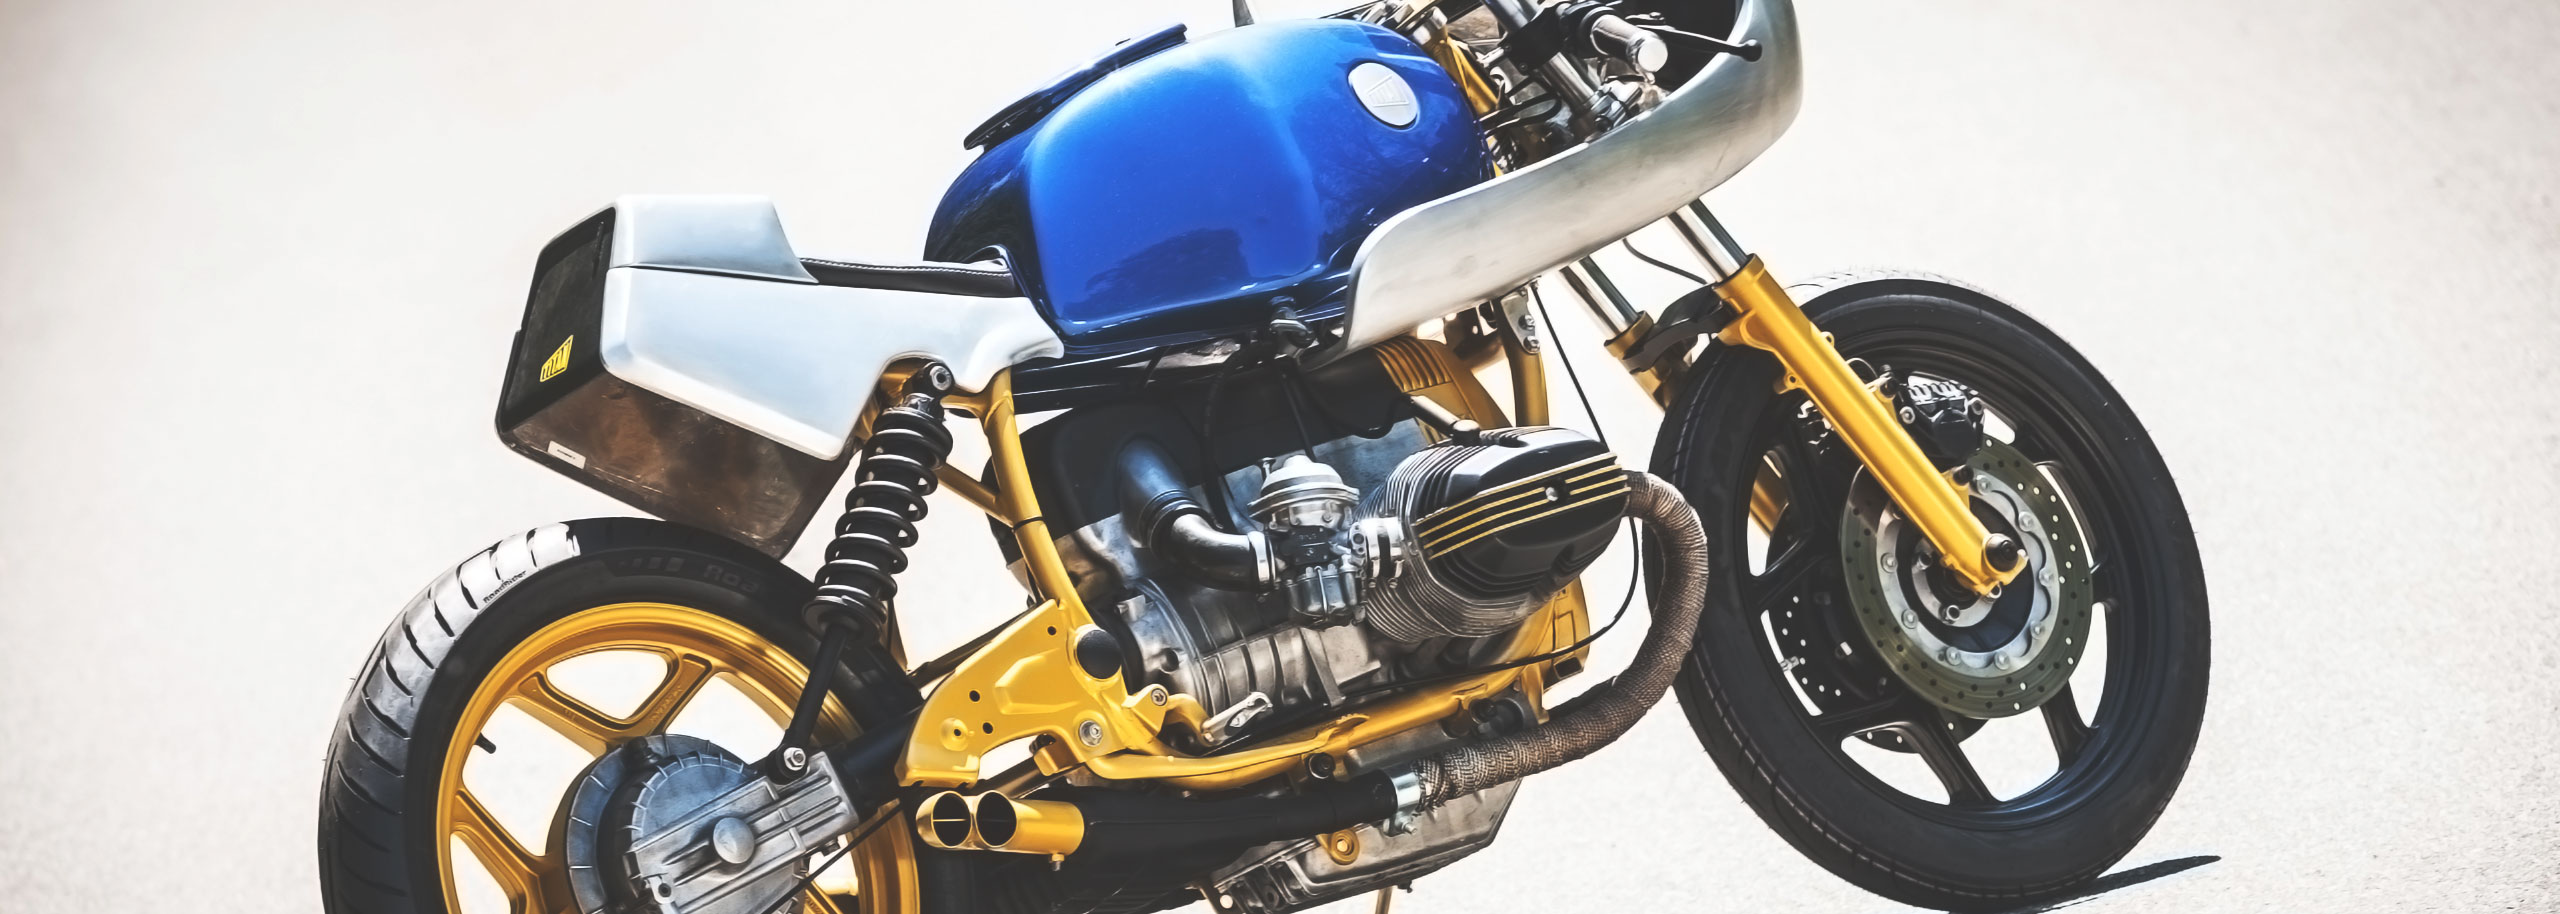 03_TITAN-Goldsmith_BMW-R80-RT_Umbau-Graz_Endurance-Racer-Austria-Vintage_Custom-Bikes-Styria_Typisierte-Umbauten